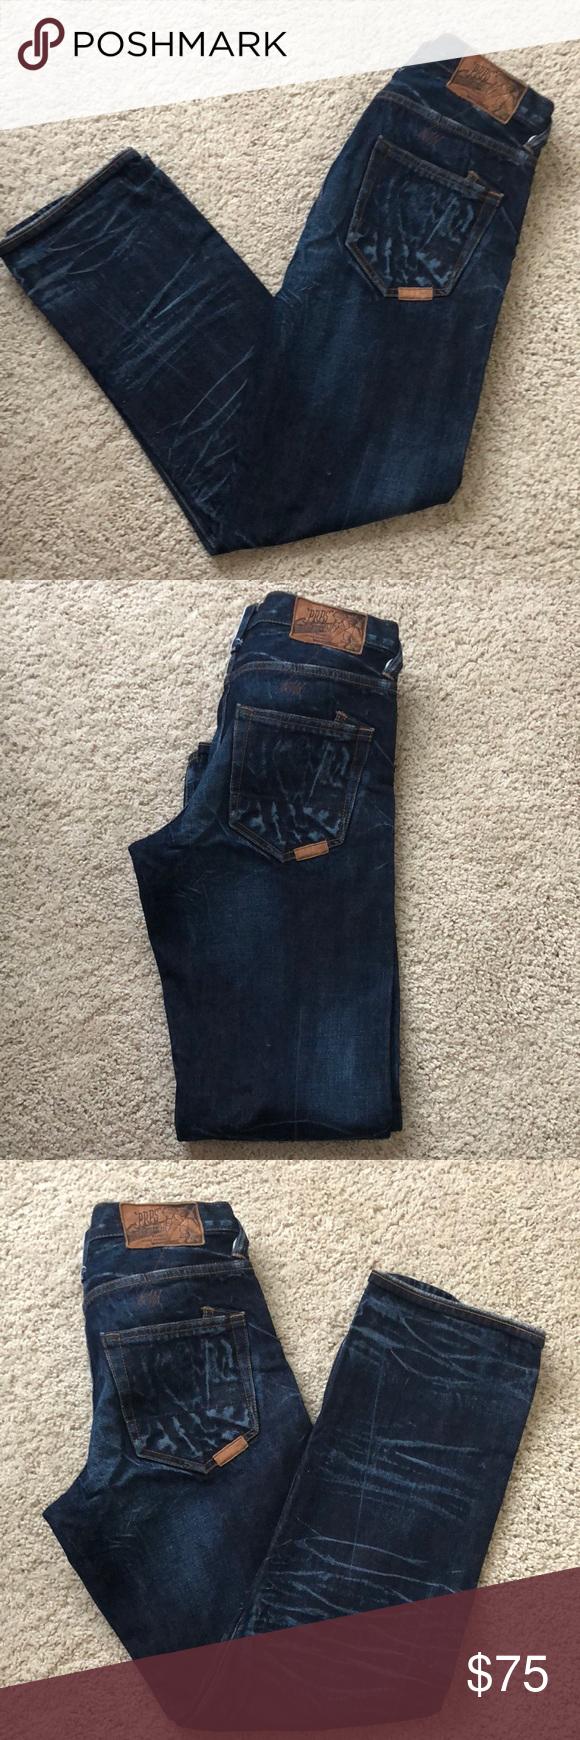 4a073a13f5027 Barracuda Fit, dark denim PRPS Jeans Dark denim PRPS jeans! Great pair of  jeans! PRPS Jeans Boot Cut